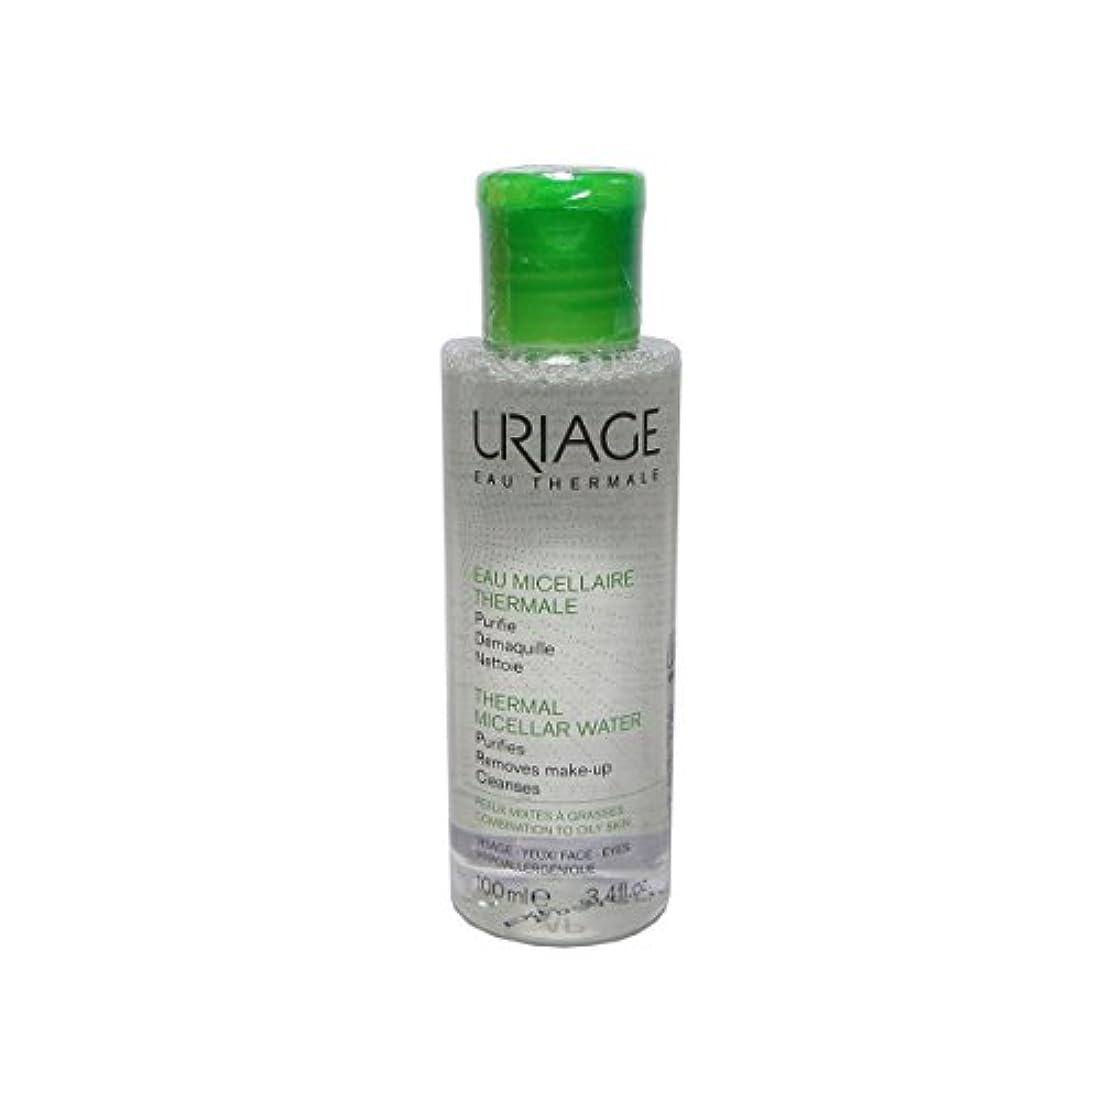 入り口構造計器Uriage Thermal Micellar Water Combination To Oily Skin 100ml [並行輸入品]